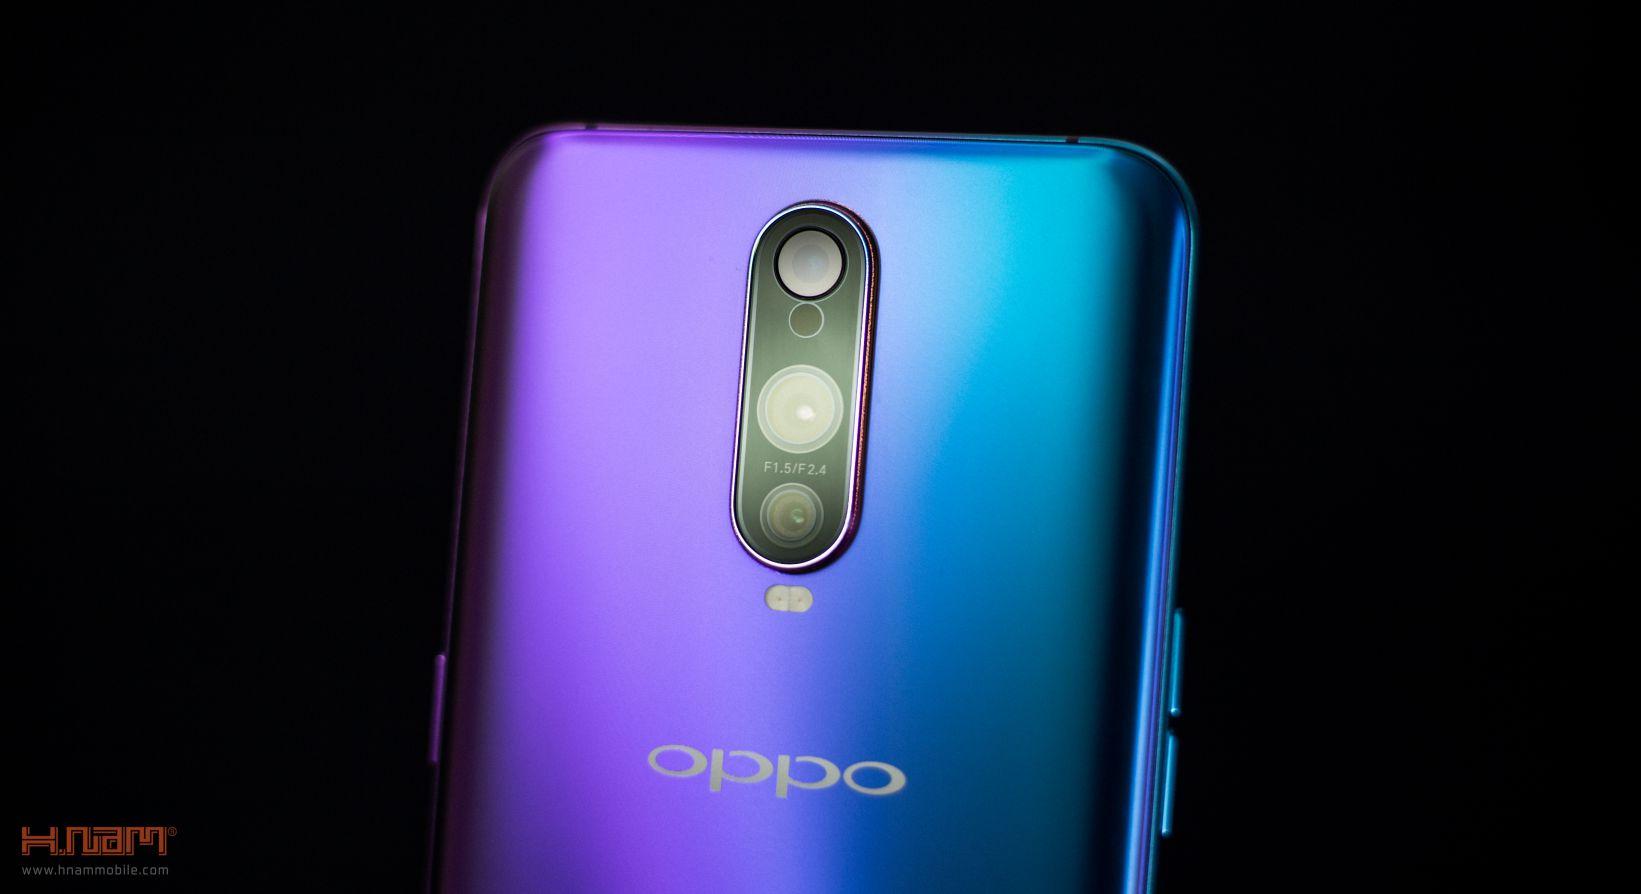 Trên tay Oppo R17 Pro: mặt lưng siêu đẹp, sạc siêu nhanh hình 10